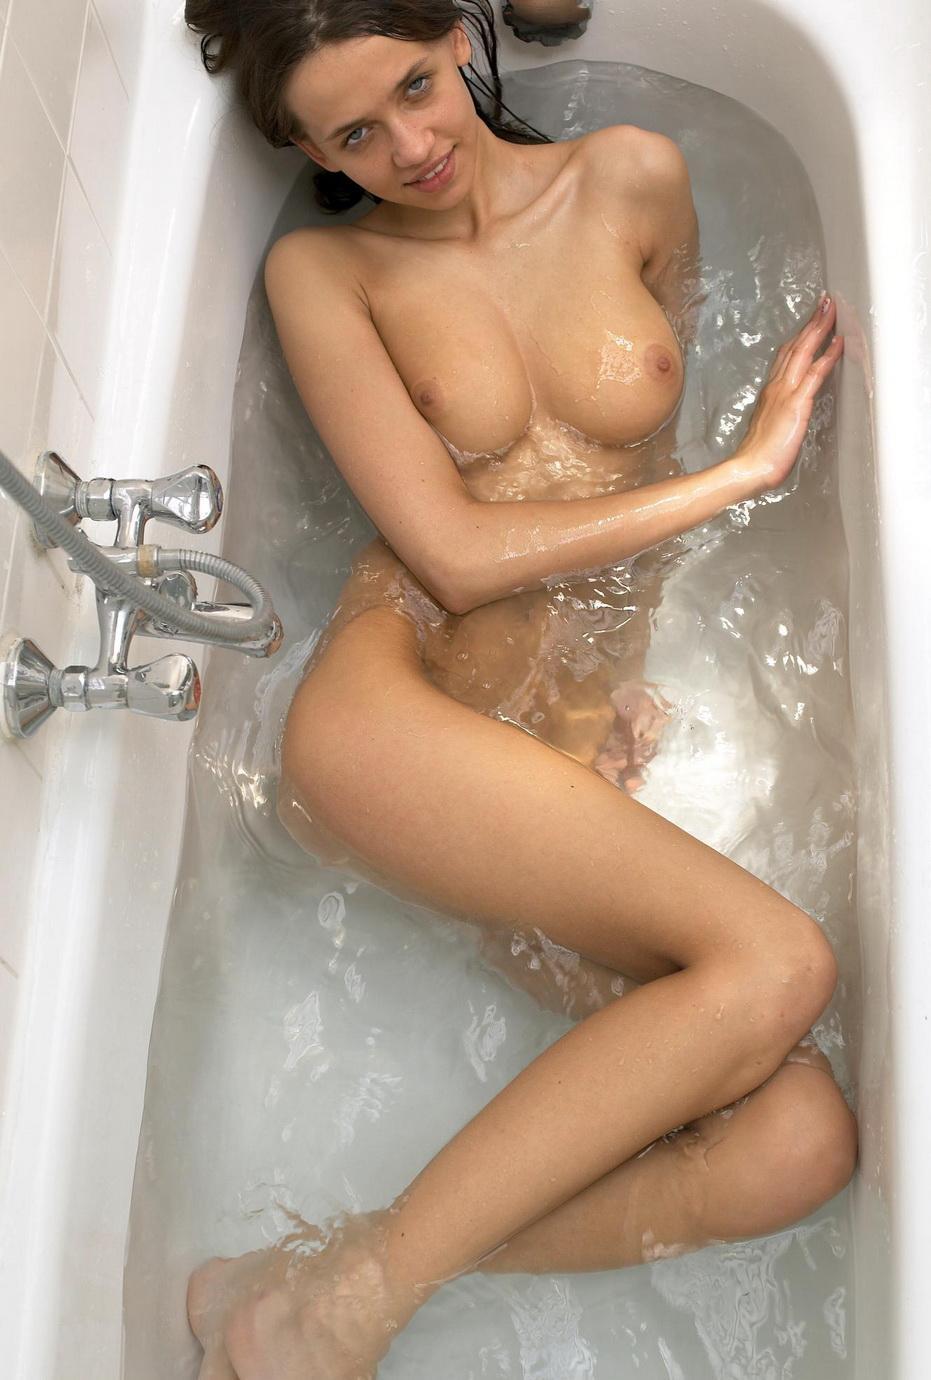 nude-girl-in-bath-07